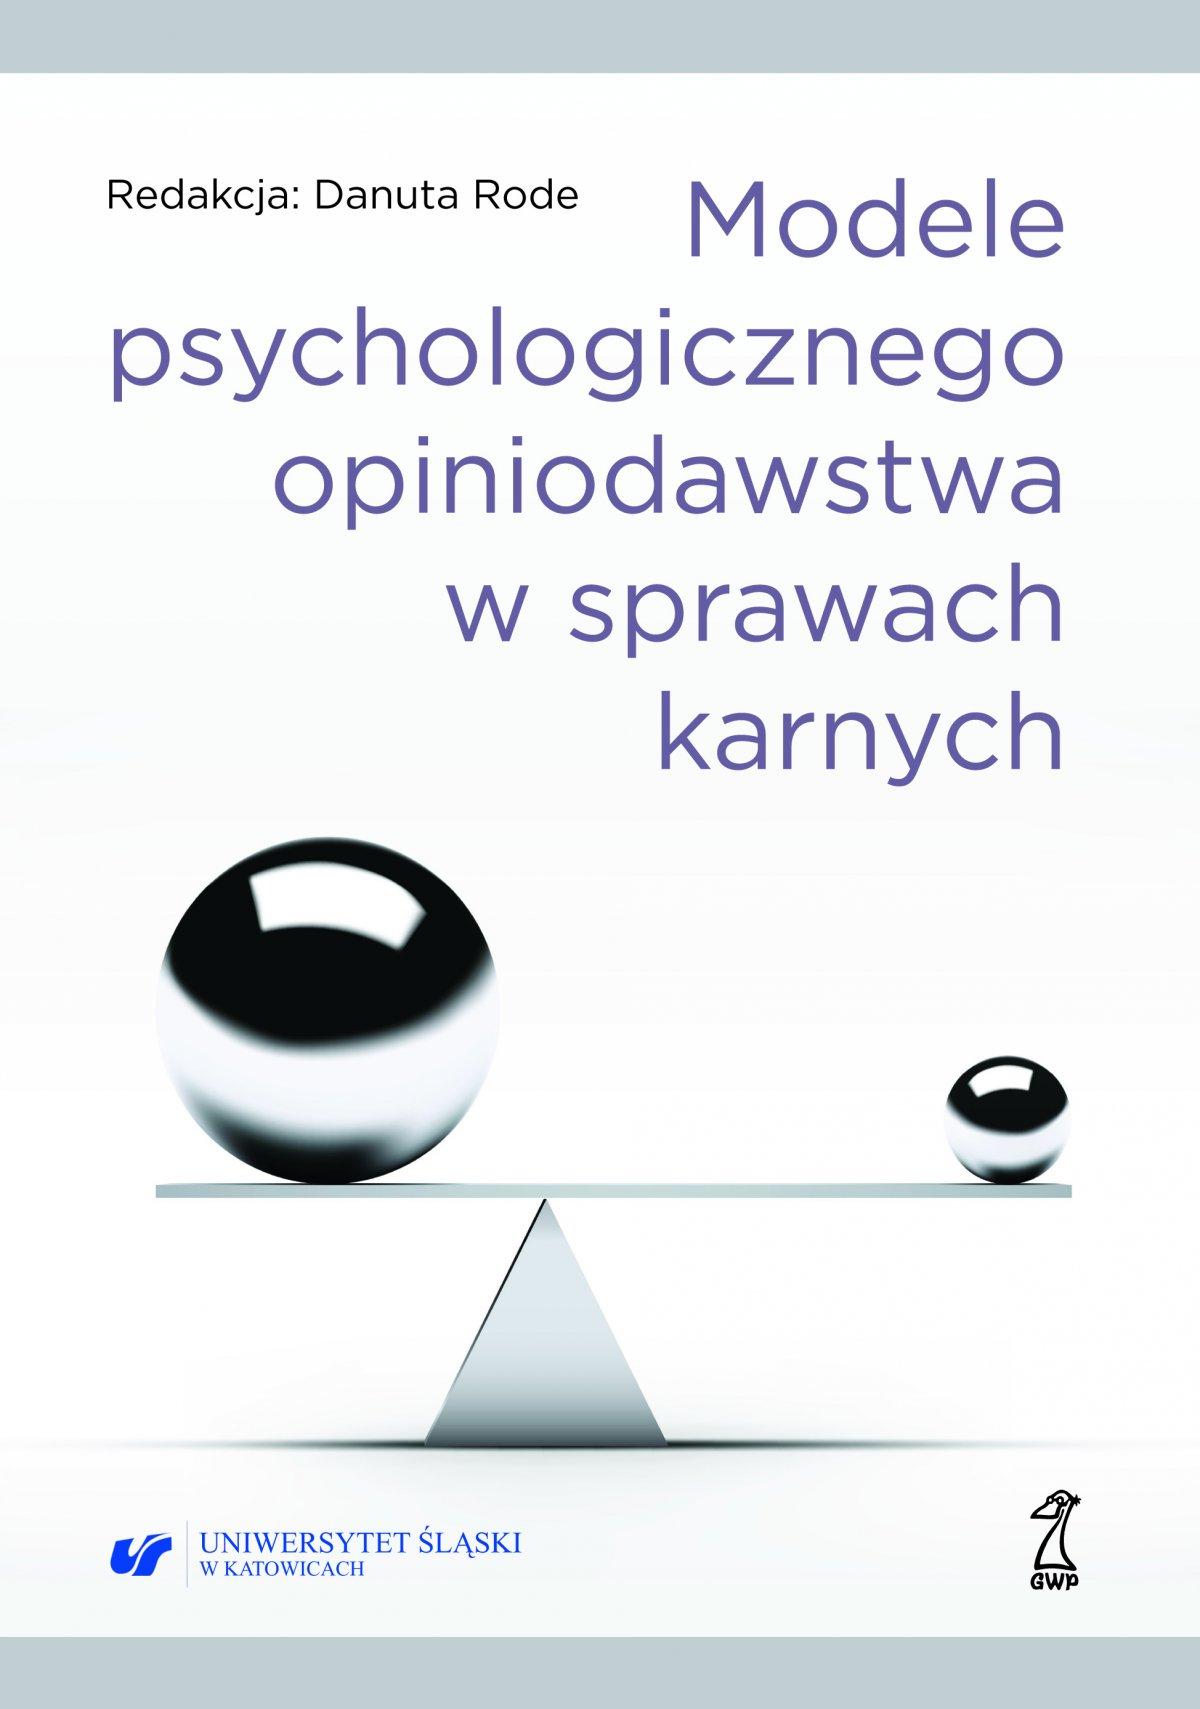 Modele psychologicznego opiniodawstwa w sprawach karnych - Ebook (Książka EPUB) do pobrania w formacie EPUB